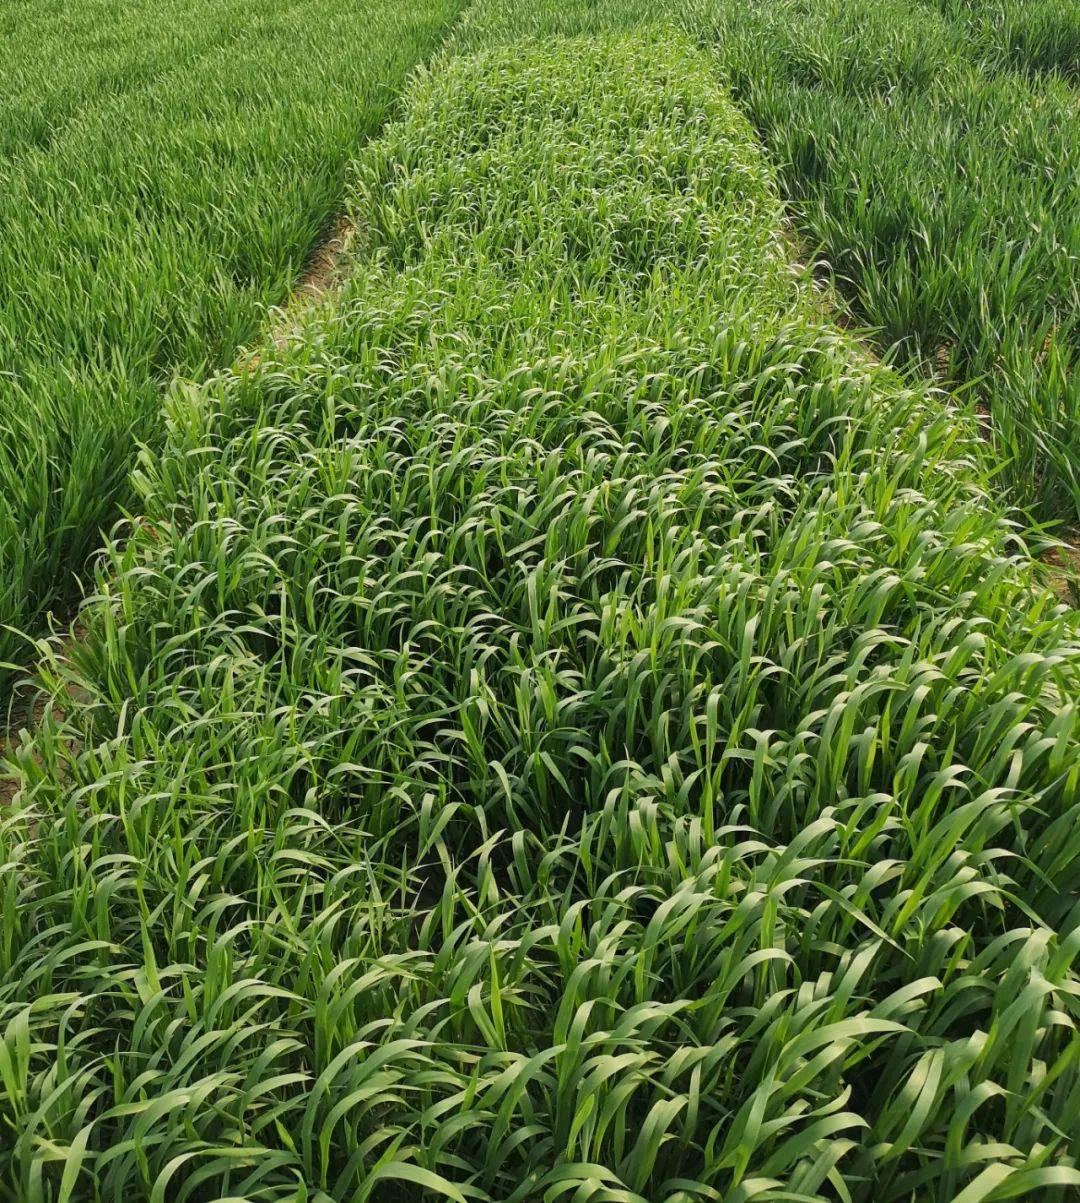 【野麦子】野麦子的功效与作用_野麦子怎么吃_野麦子的药用价...